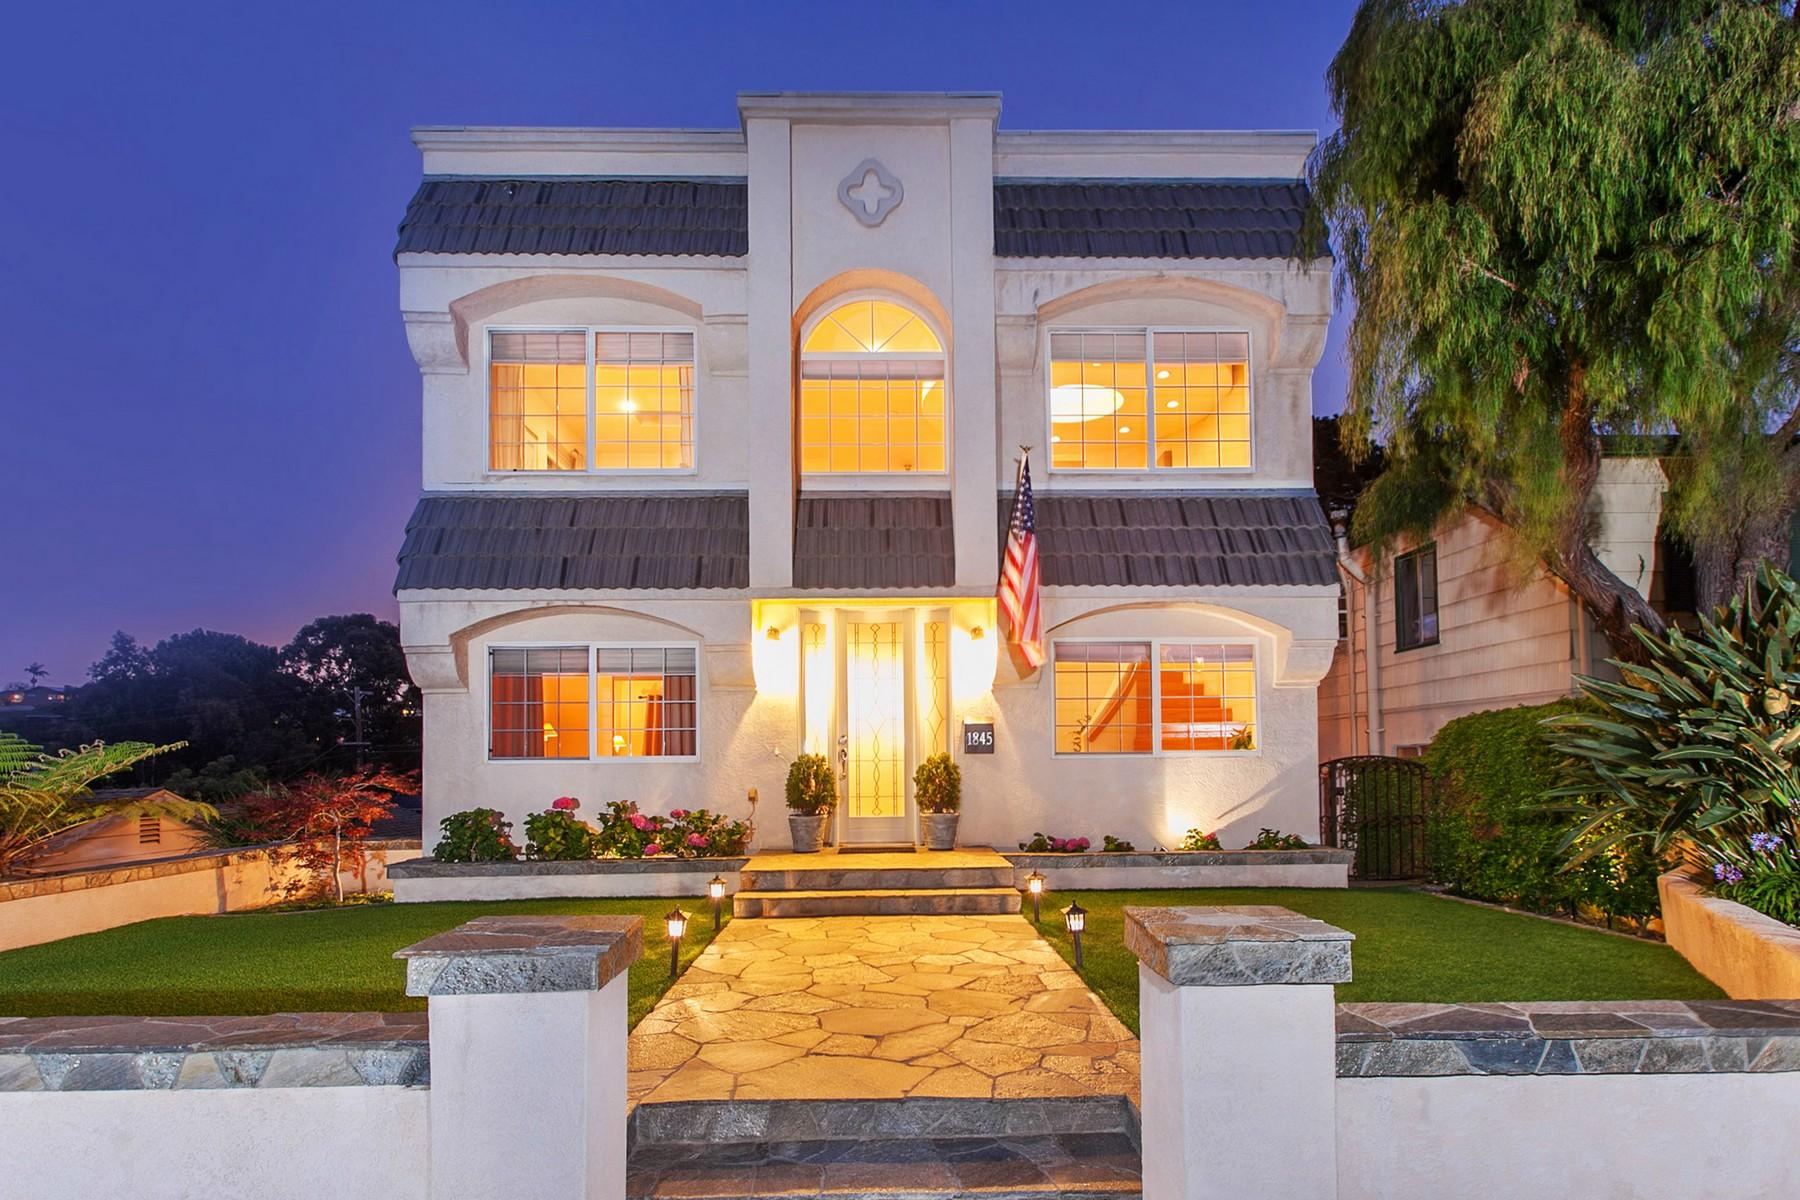 단독 가정 주택 용 매매 에 1845 Tustin Street San Diego, 캘리포니아 92106 미국